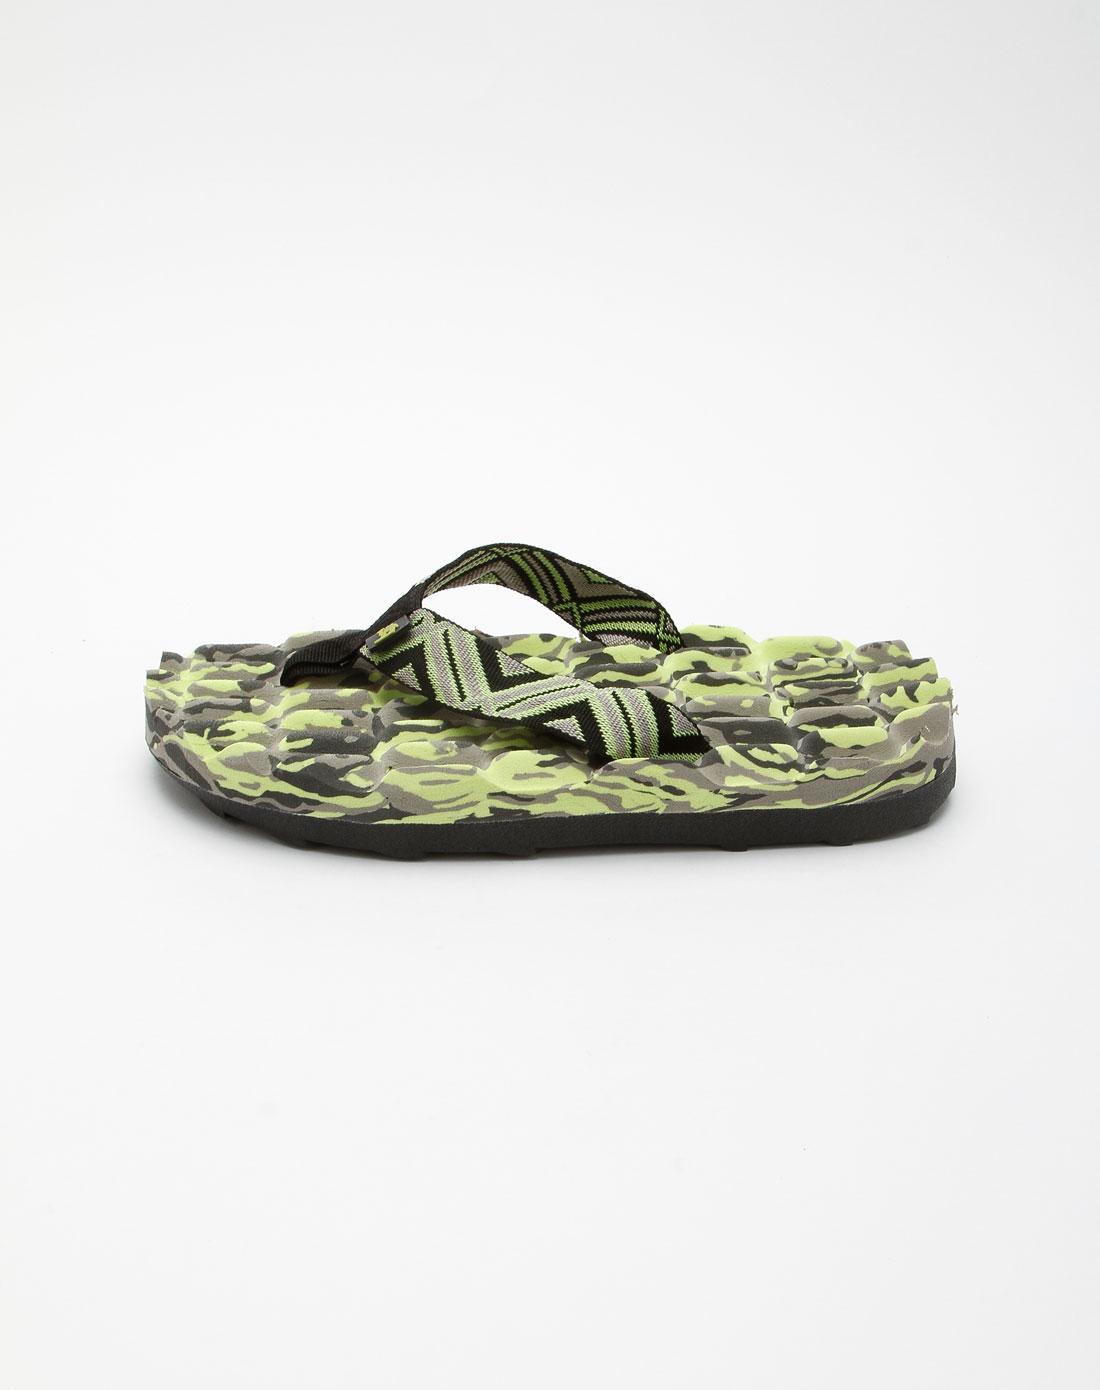 绿色黑色豹纹简笔画假鞋带情侣款户外沙滩休闲拖鞋